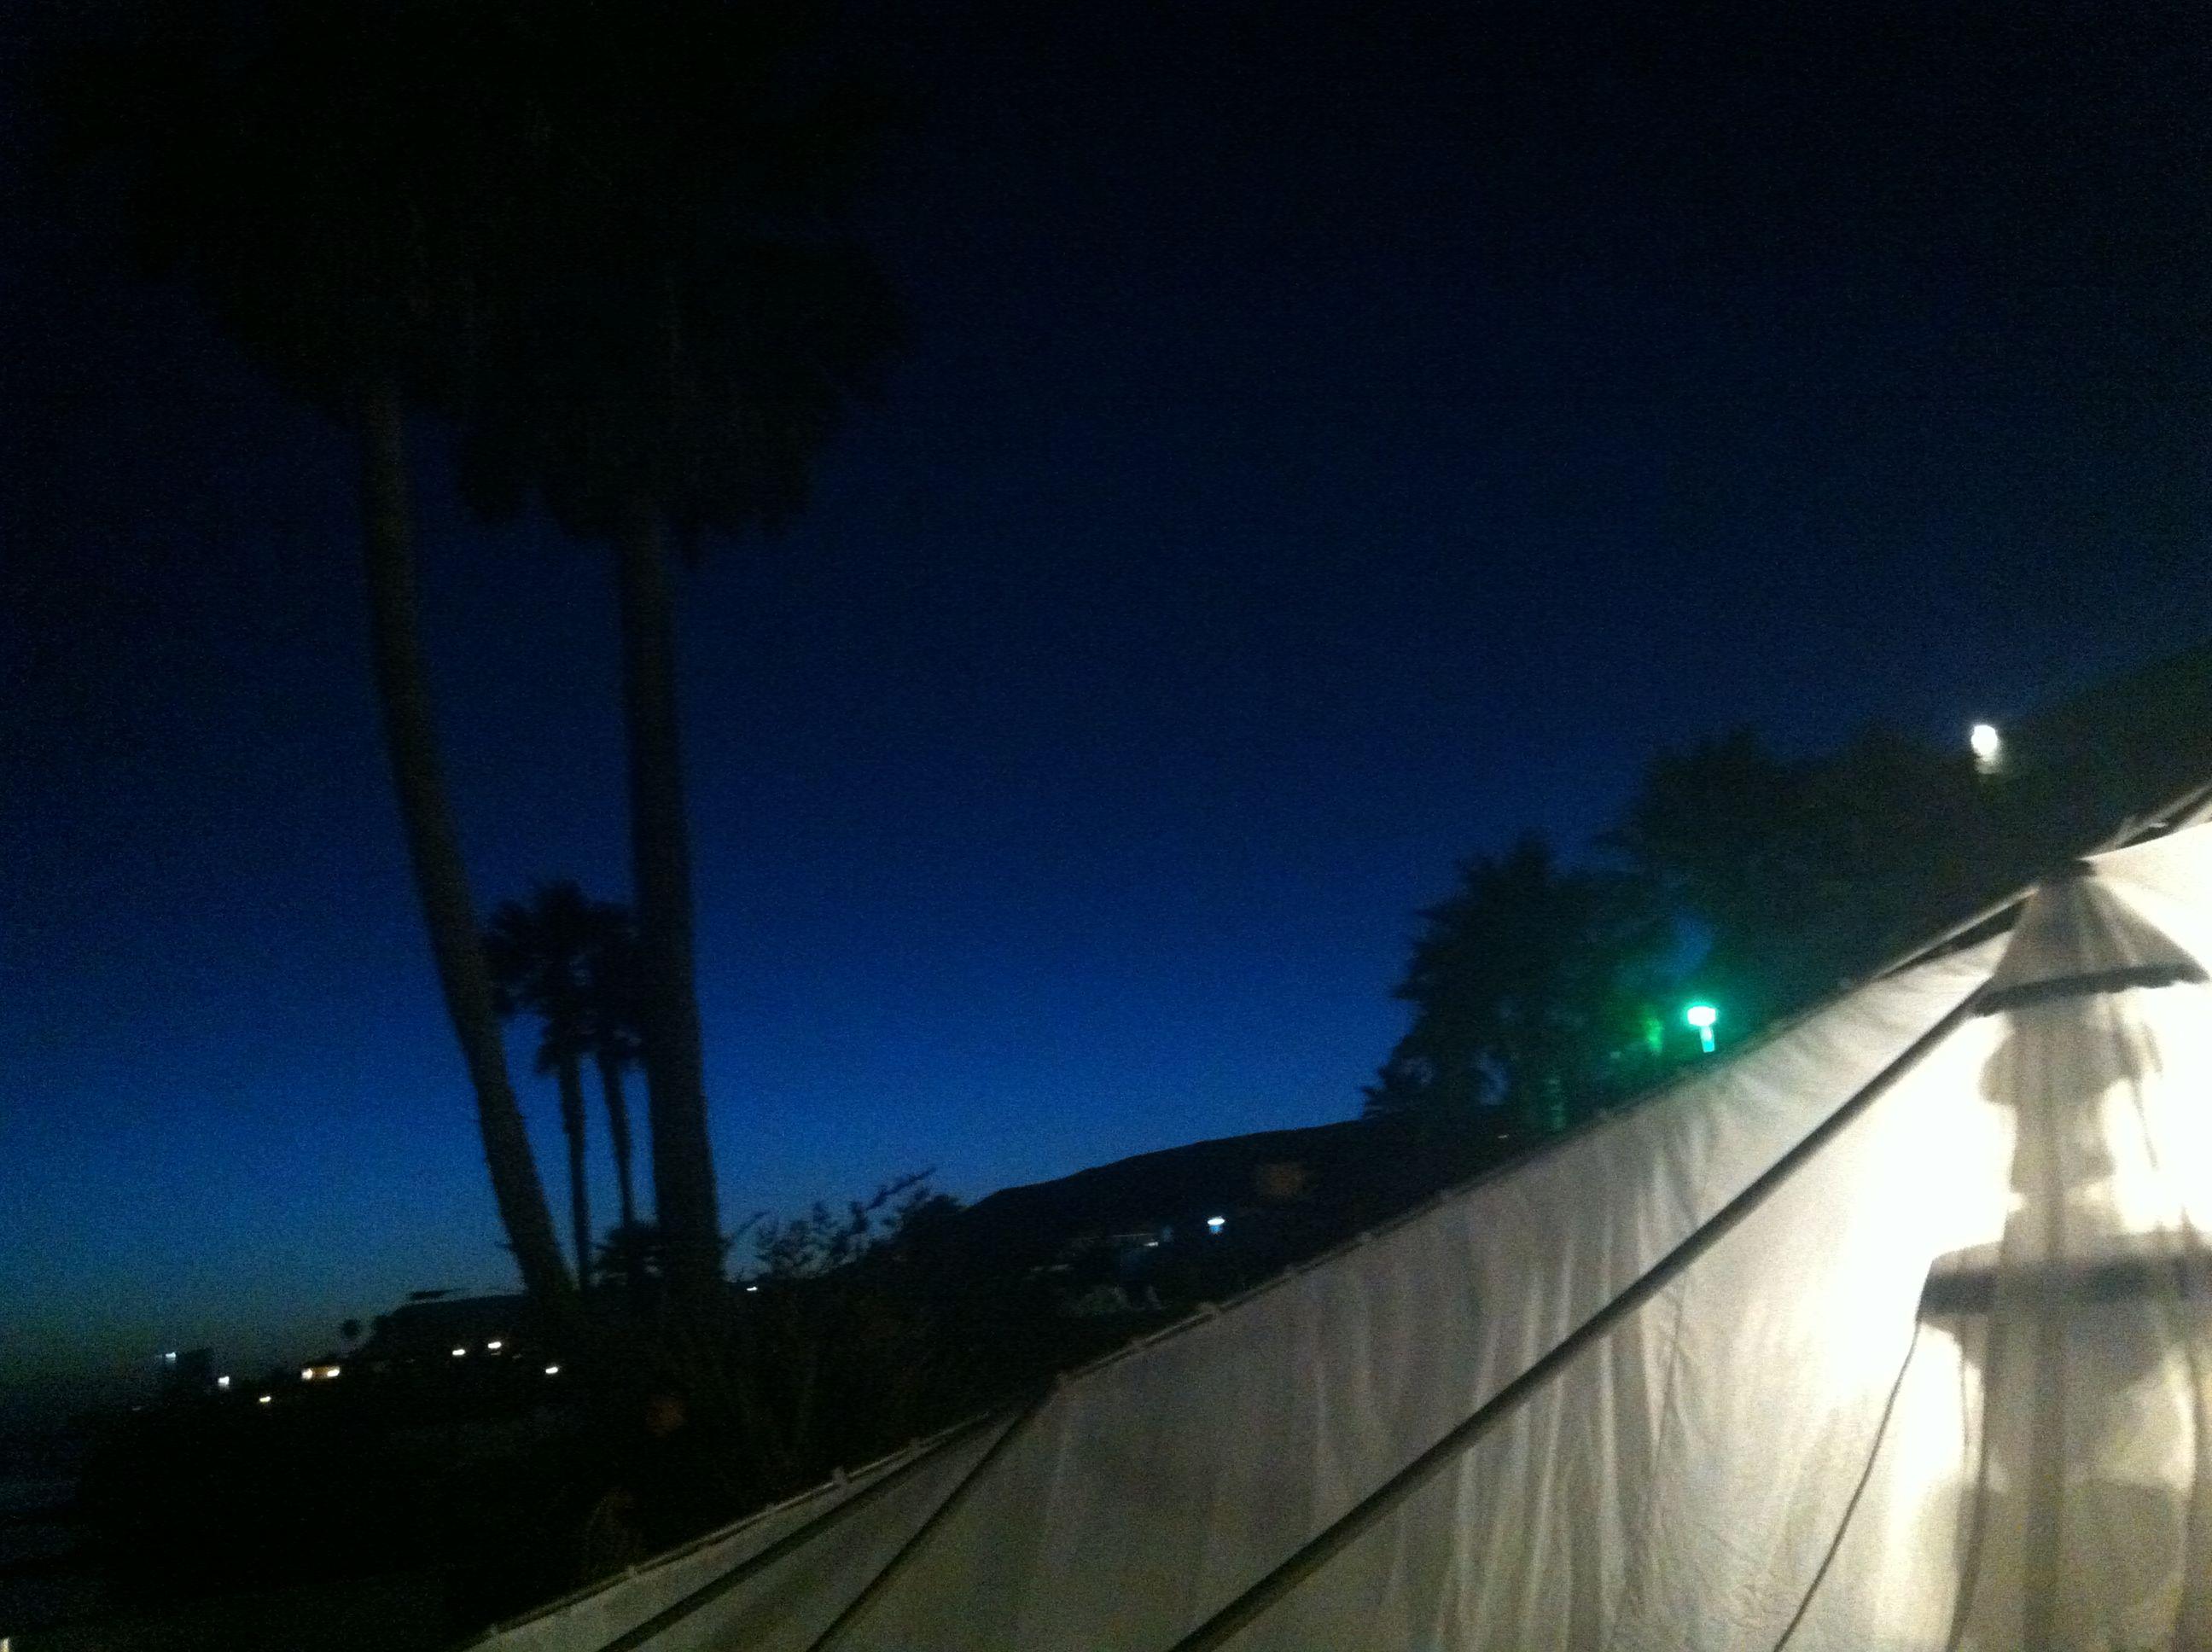 Baja, Las Rocas Resort, Wedding Tent installation at dusk.